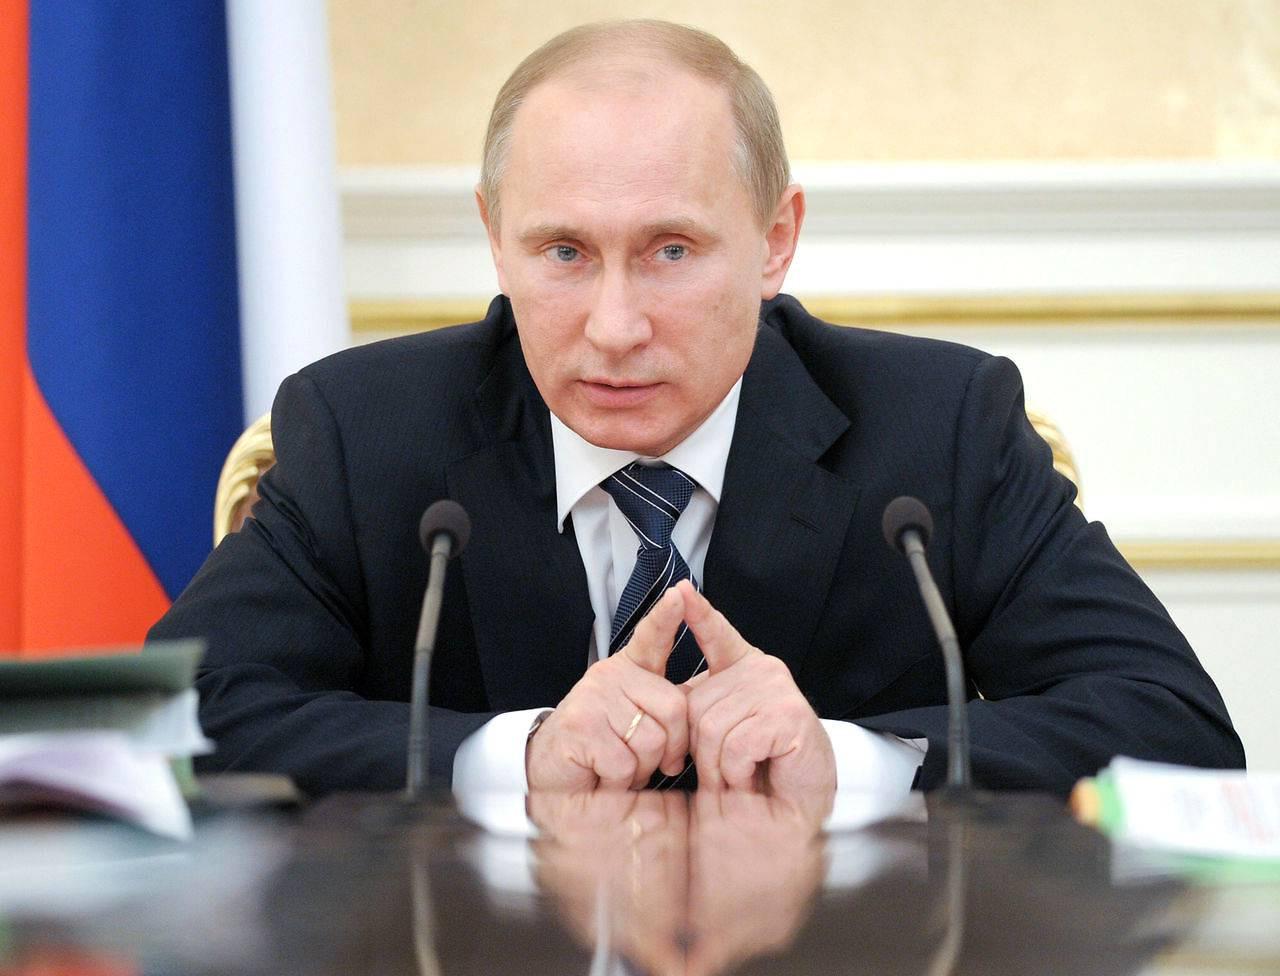 Путин иАтамбаев обсудили вопросы политики иэкономики